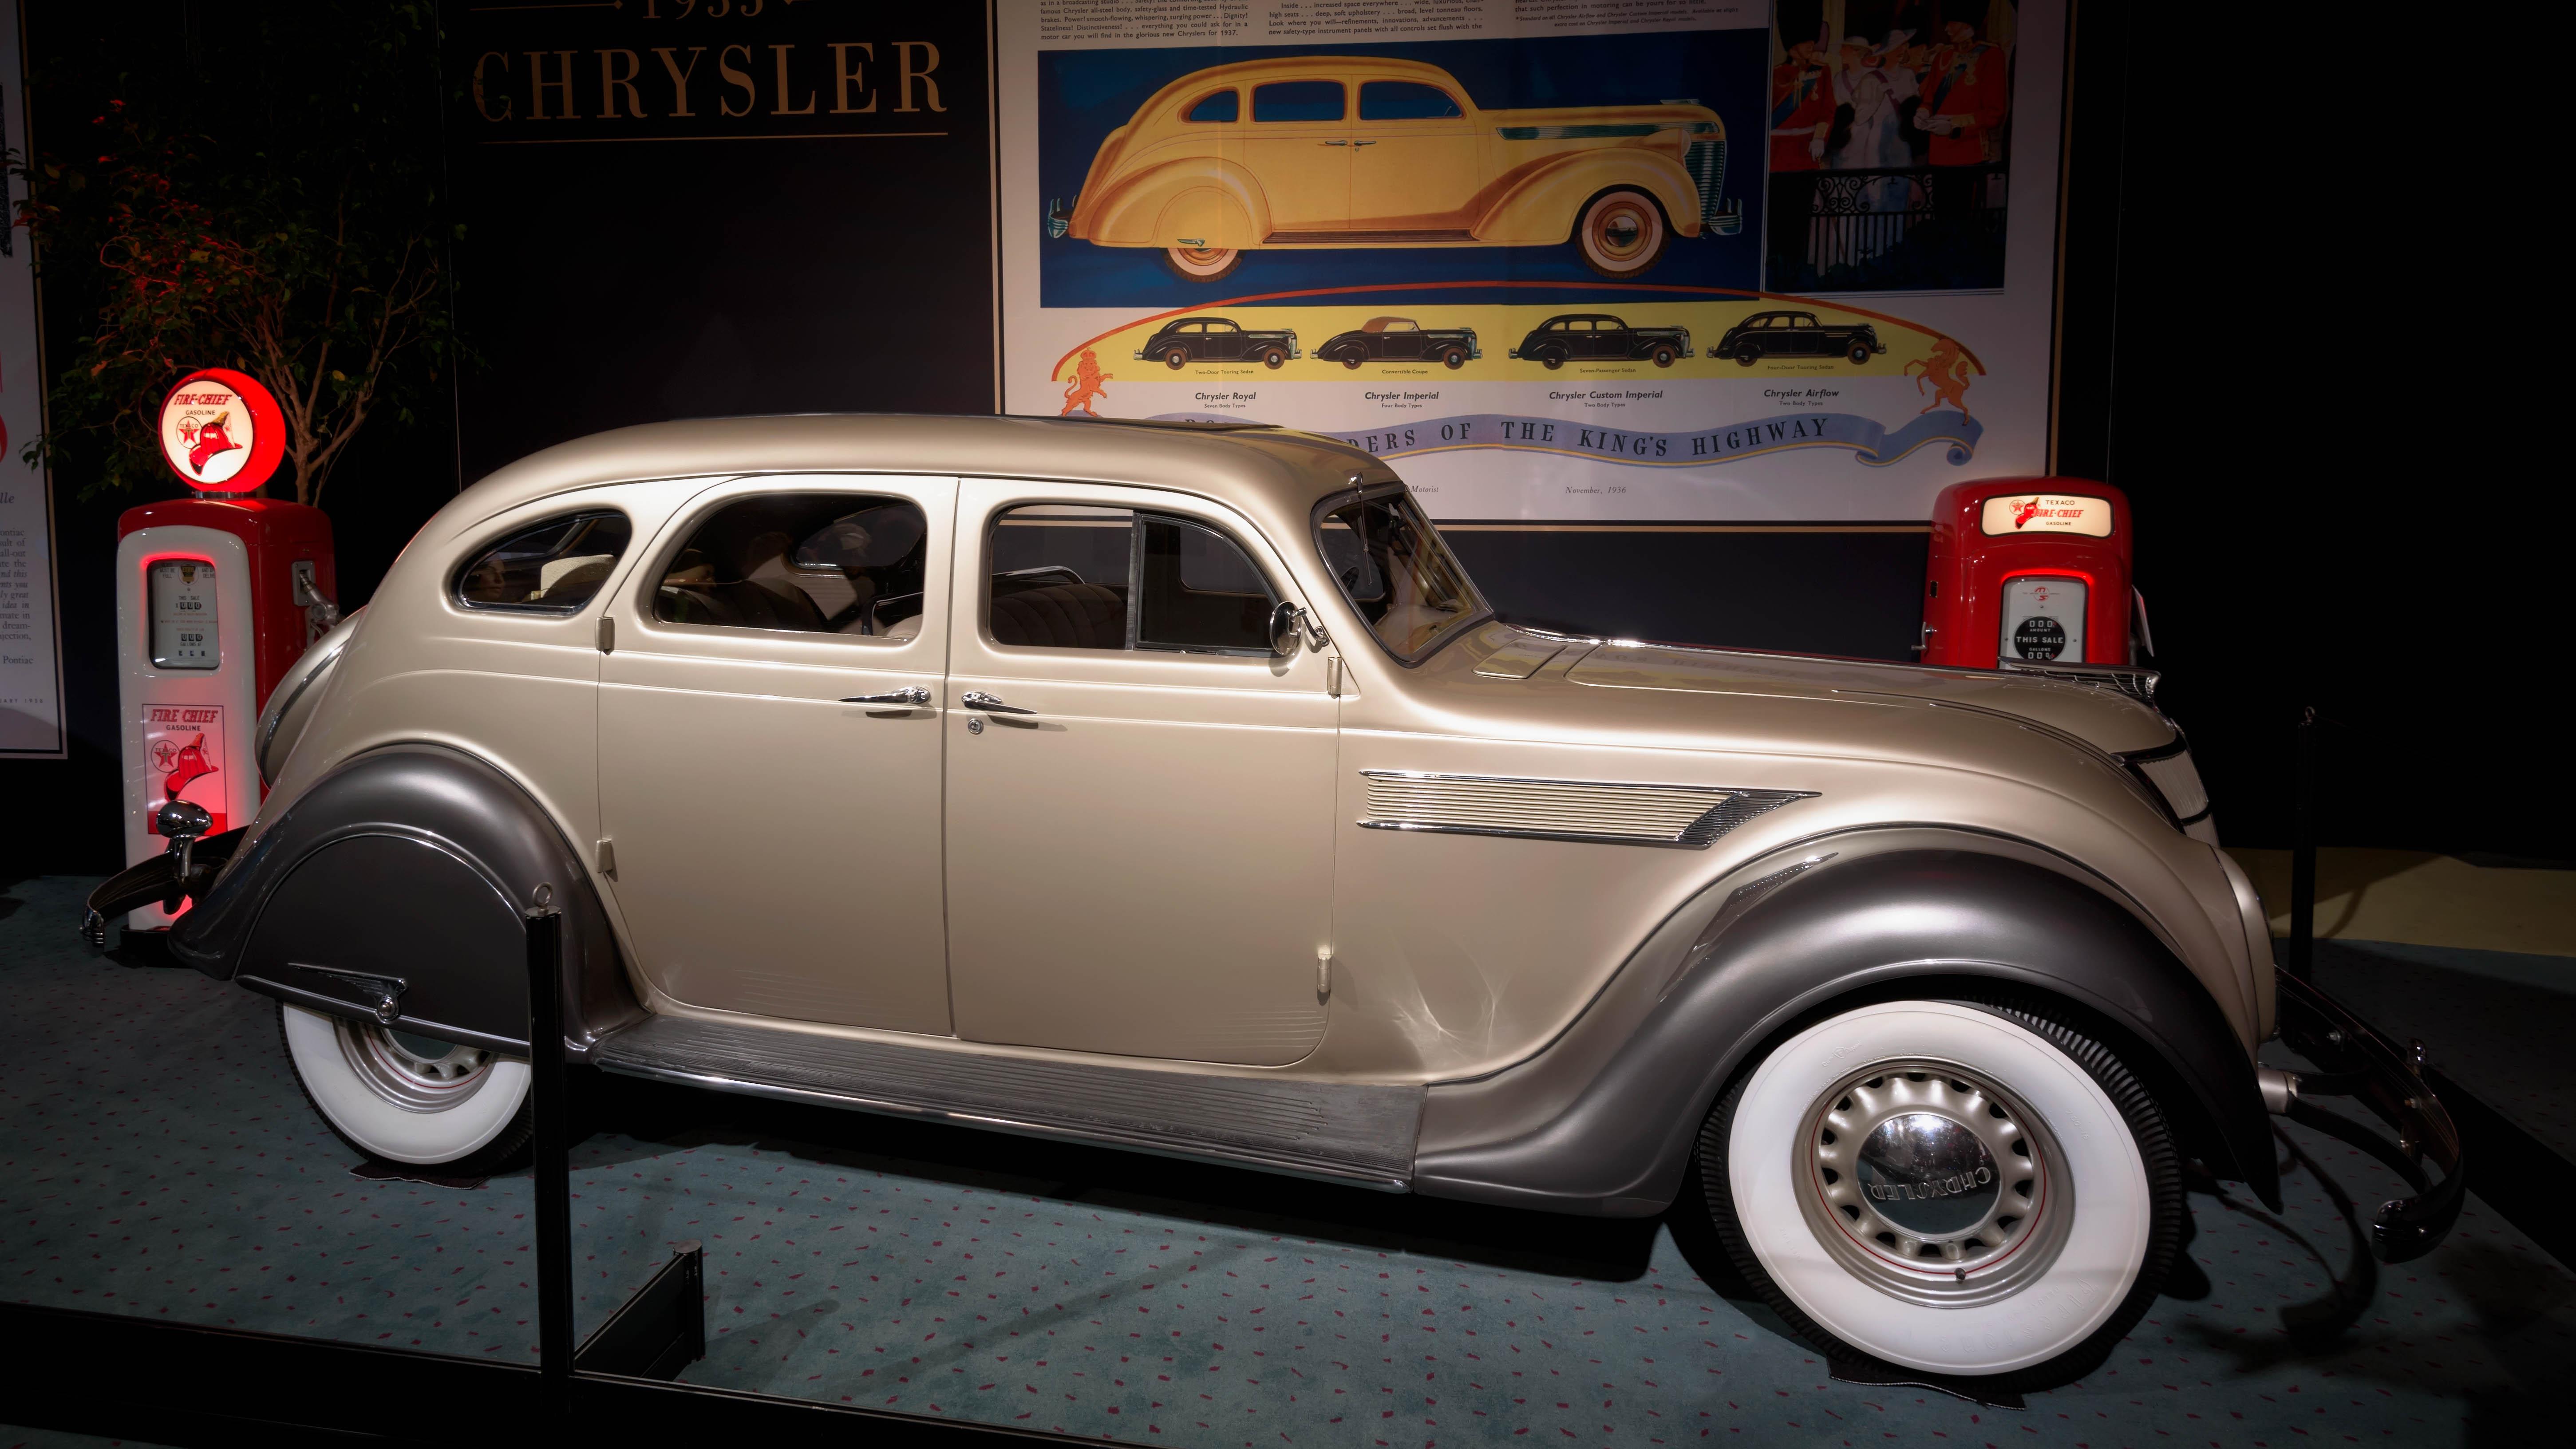 1935 Chrysler Airflow, CA, Canada, Car, D750, HQ Photo